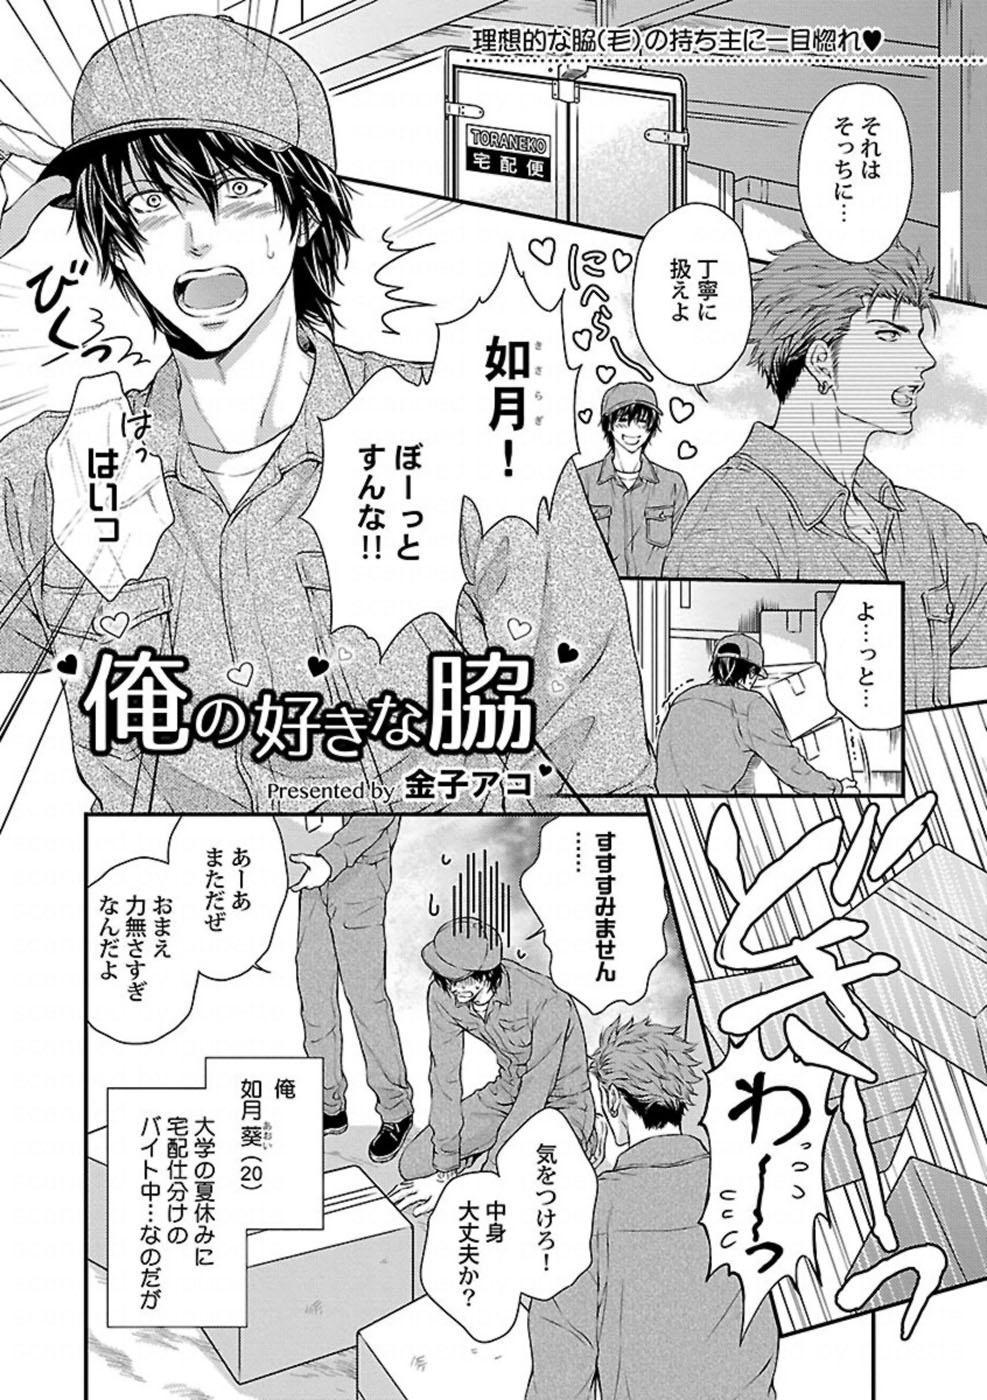 Ore no Sukina Waki+Ore no Aishi no Waki 0